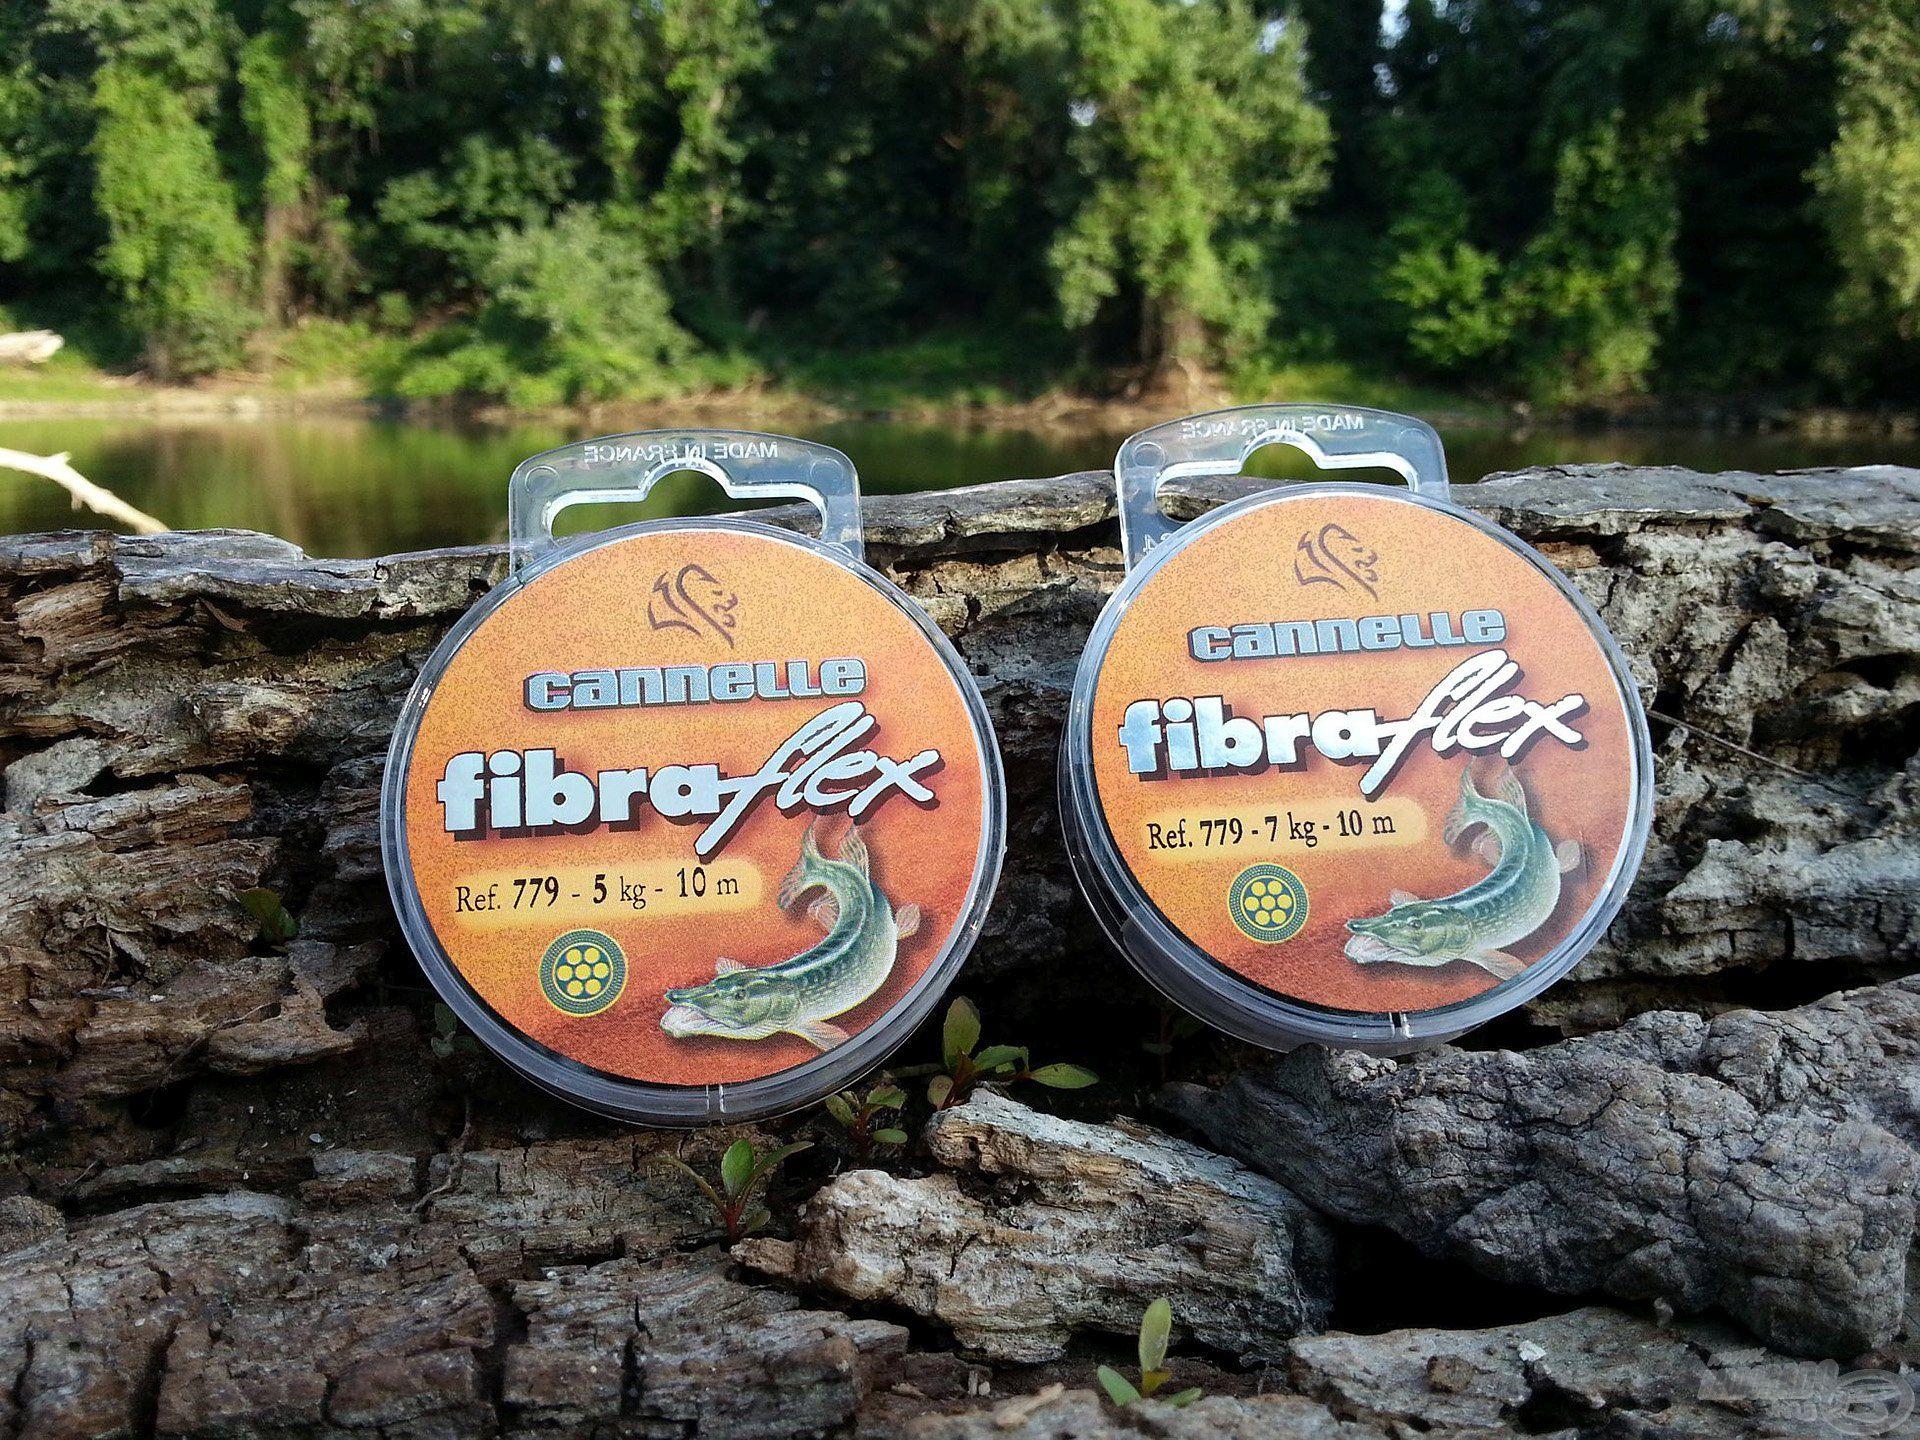 A Fibraflex előke speciális kevlár bevonattal van ellátva, mely természetes zöld színének köszönhetően beleolvad a víz alatti környezetbe, így a legóvatosabb csuka sem fog gyanút